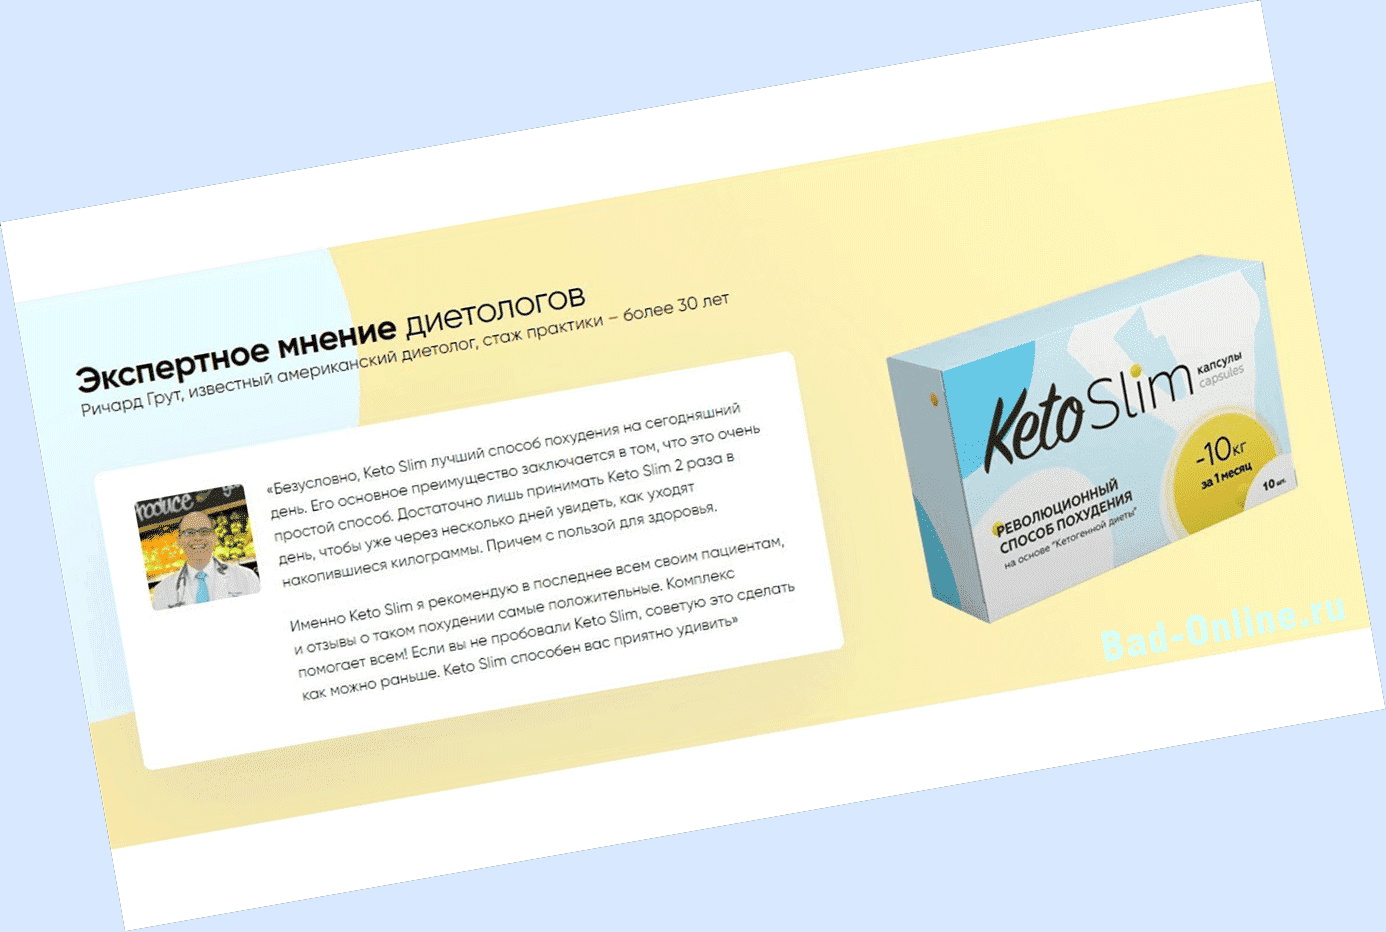 Реальные отзывы клиентов и врачей о Keto Slim